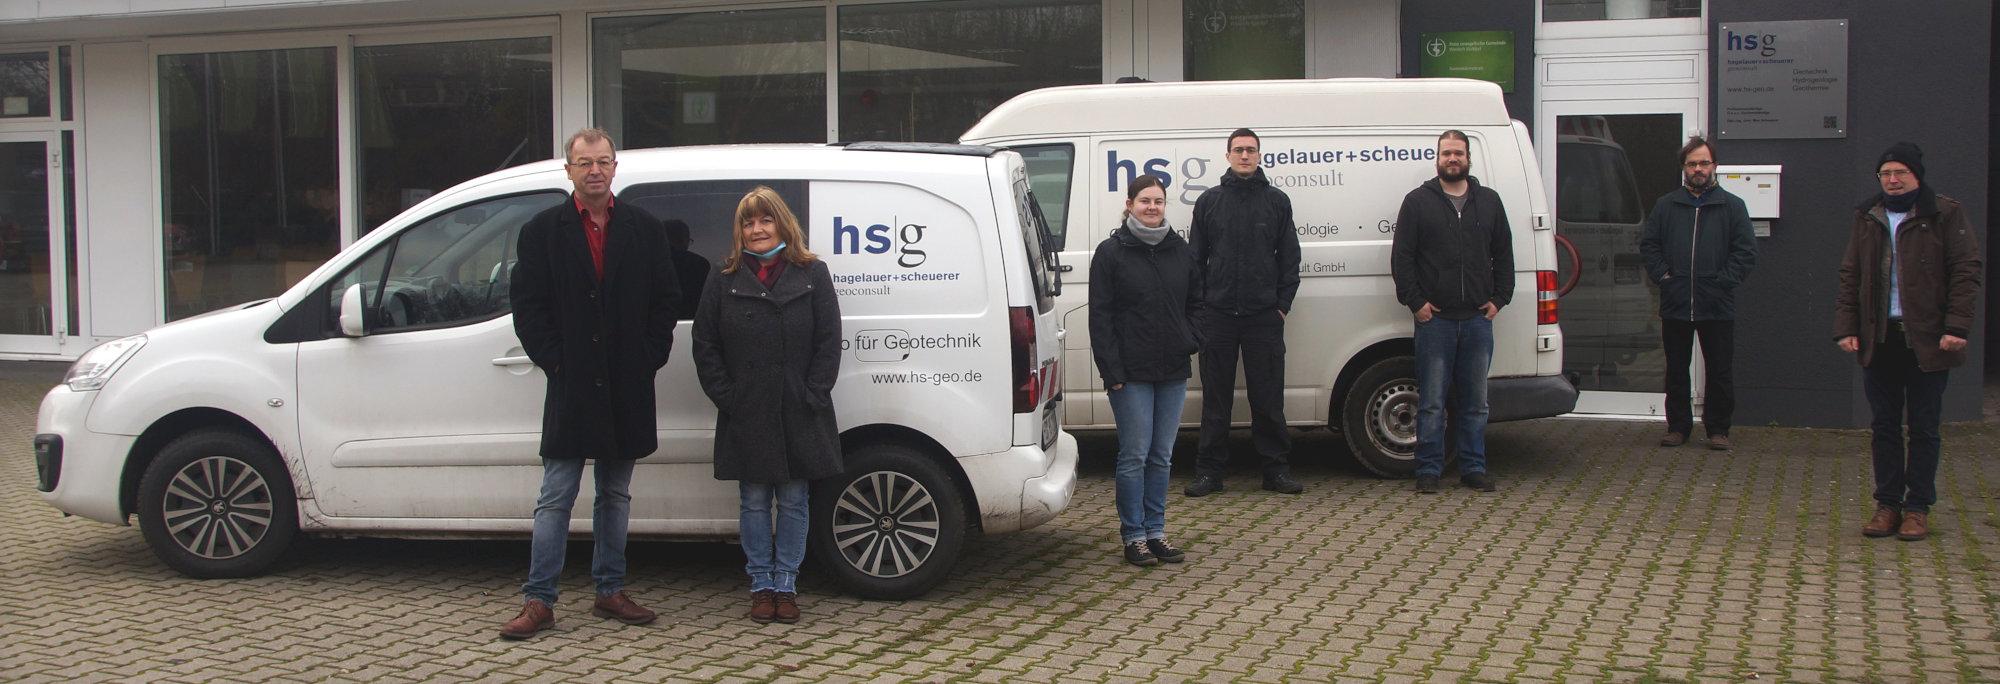 Gruppenbild HSG-Team vor Büro